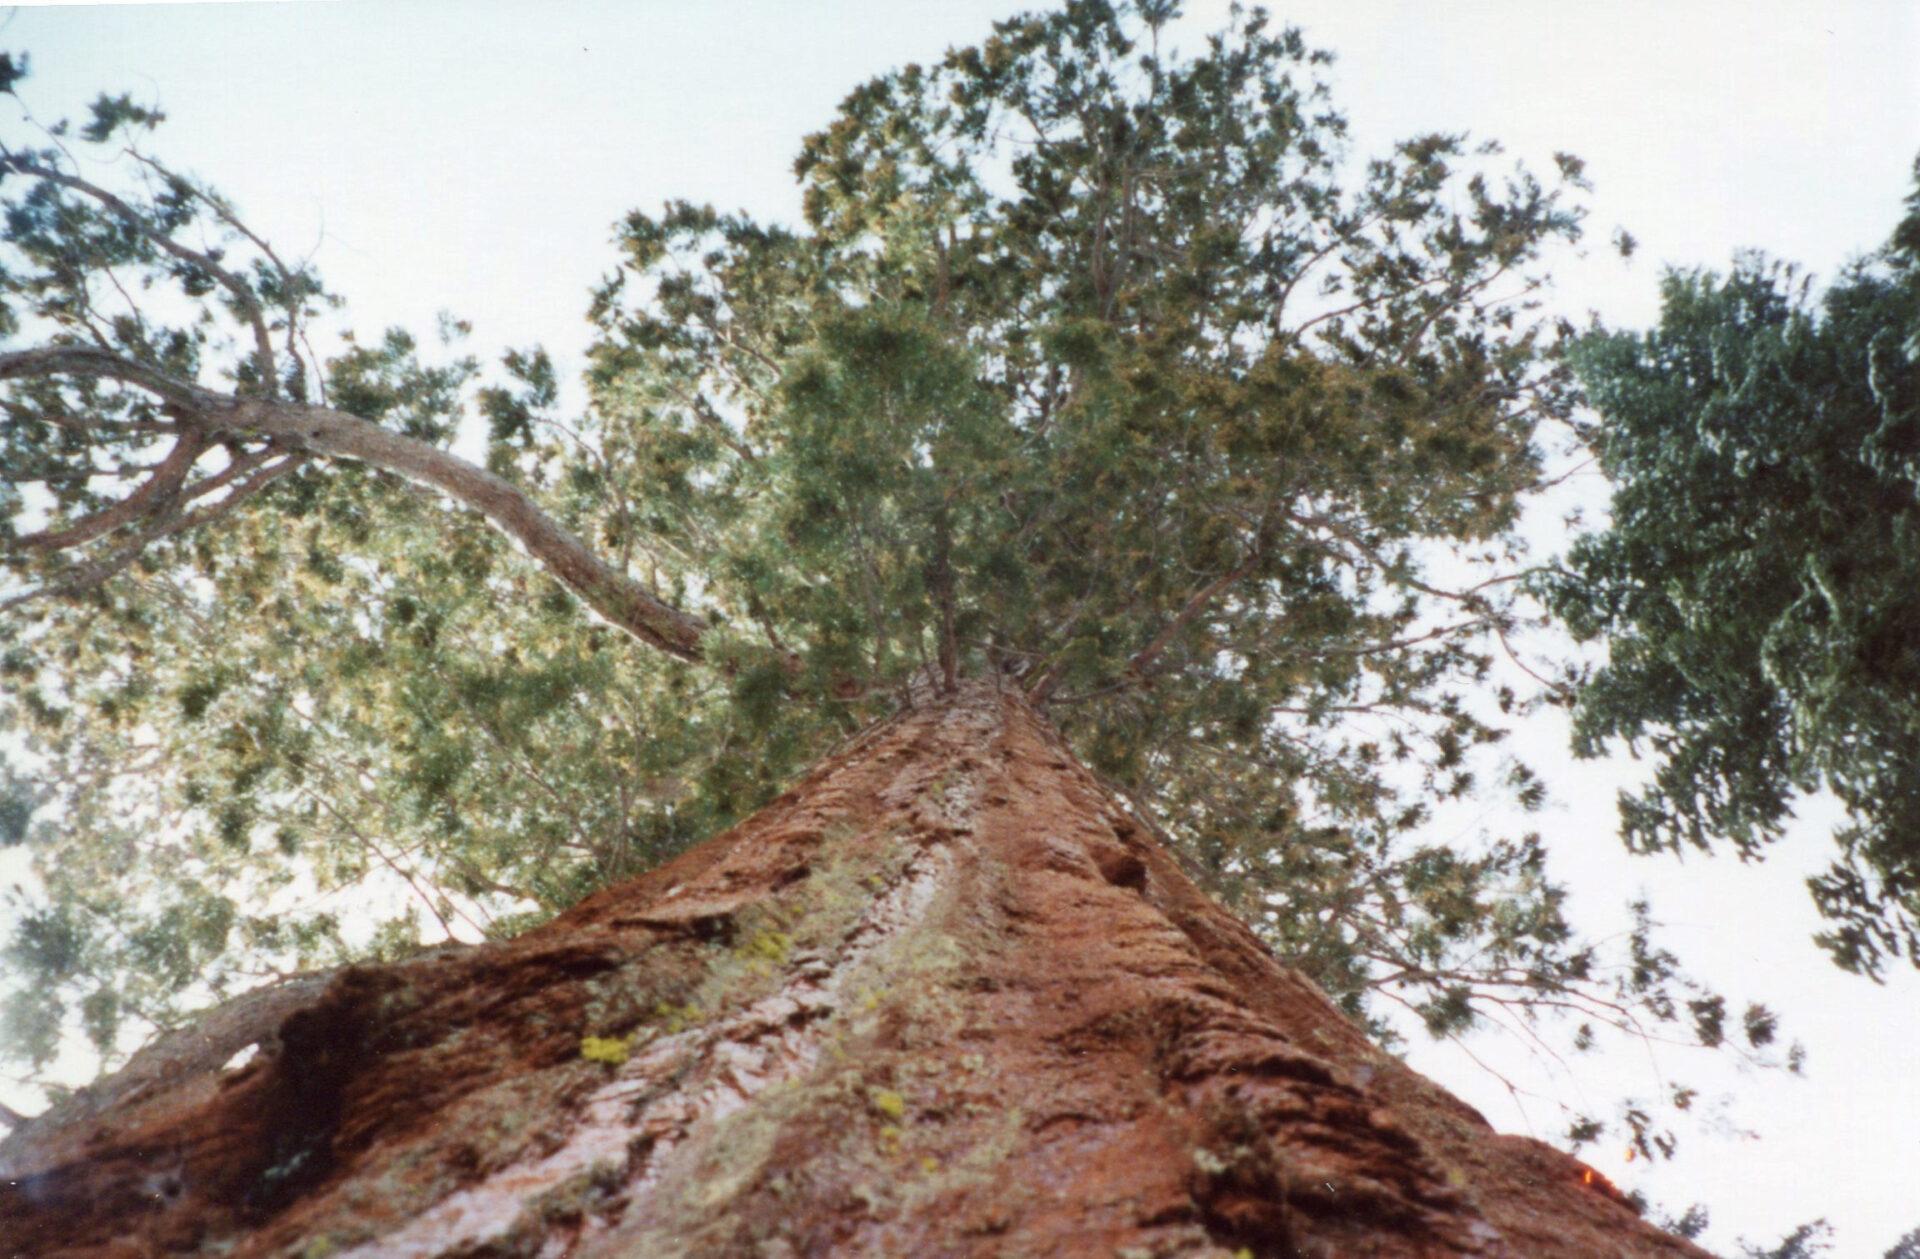 Калифорния. Часть 1. Национальный парк Йосемити.